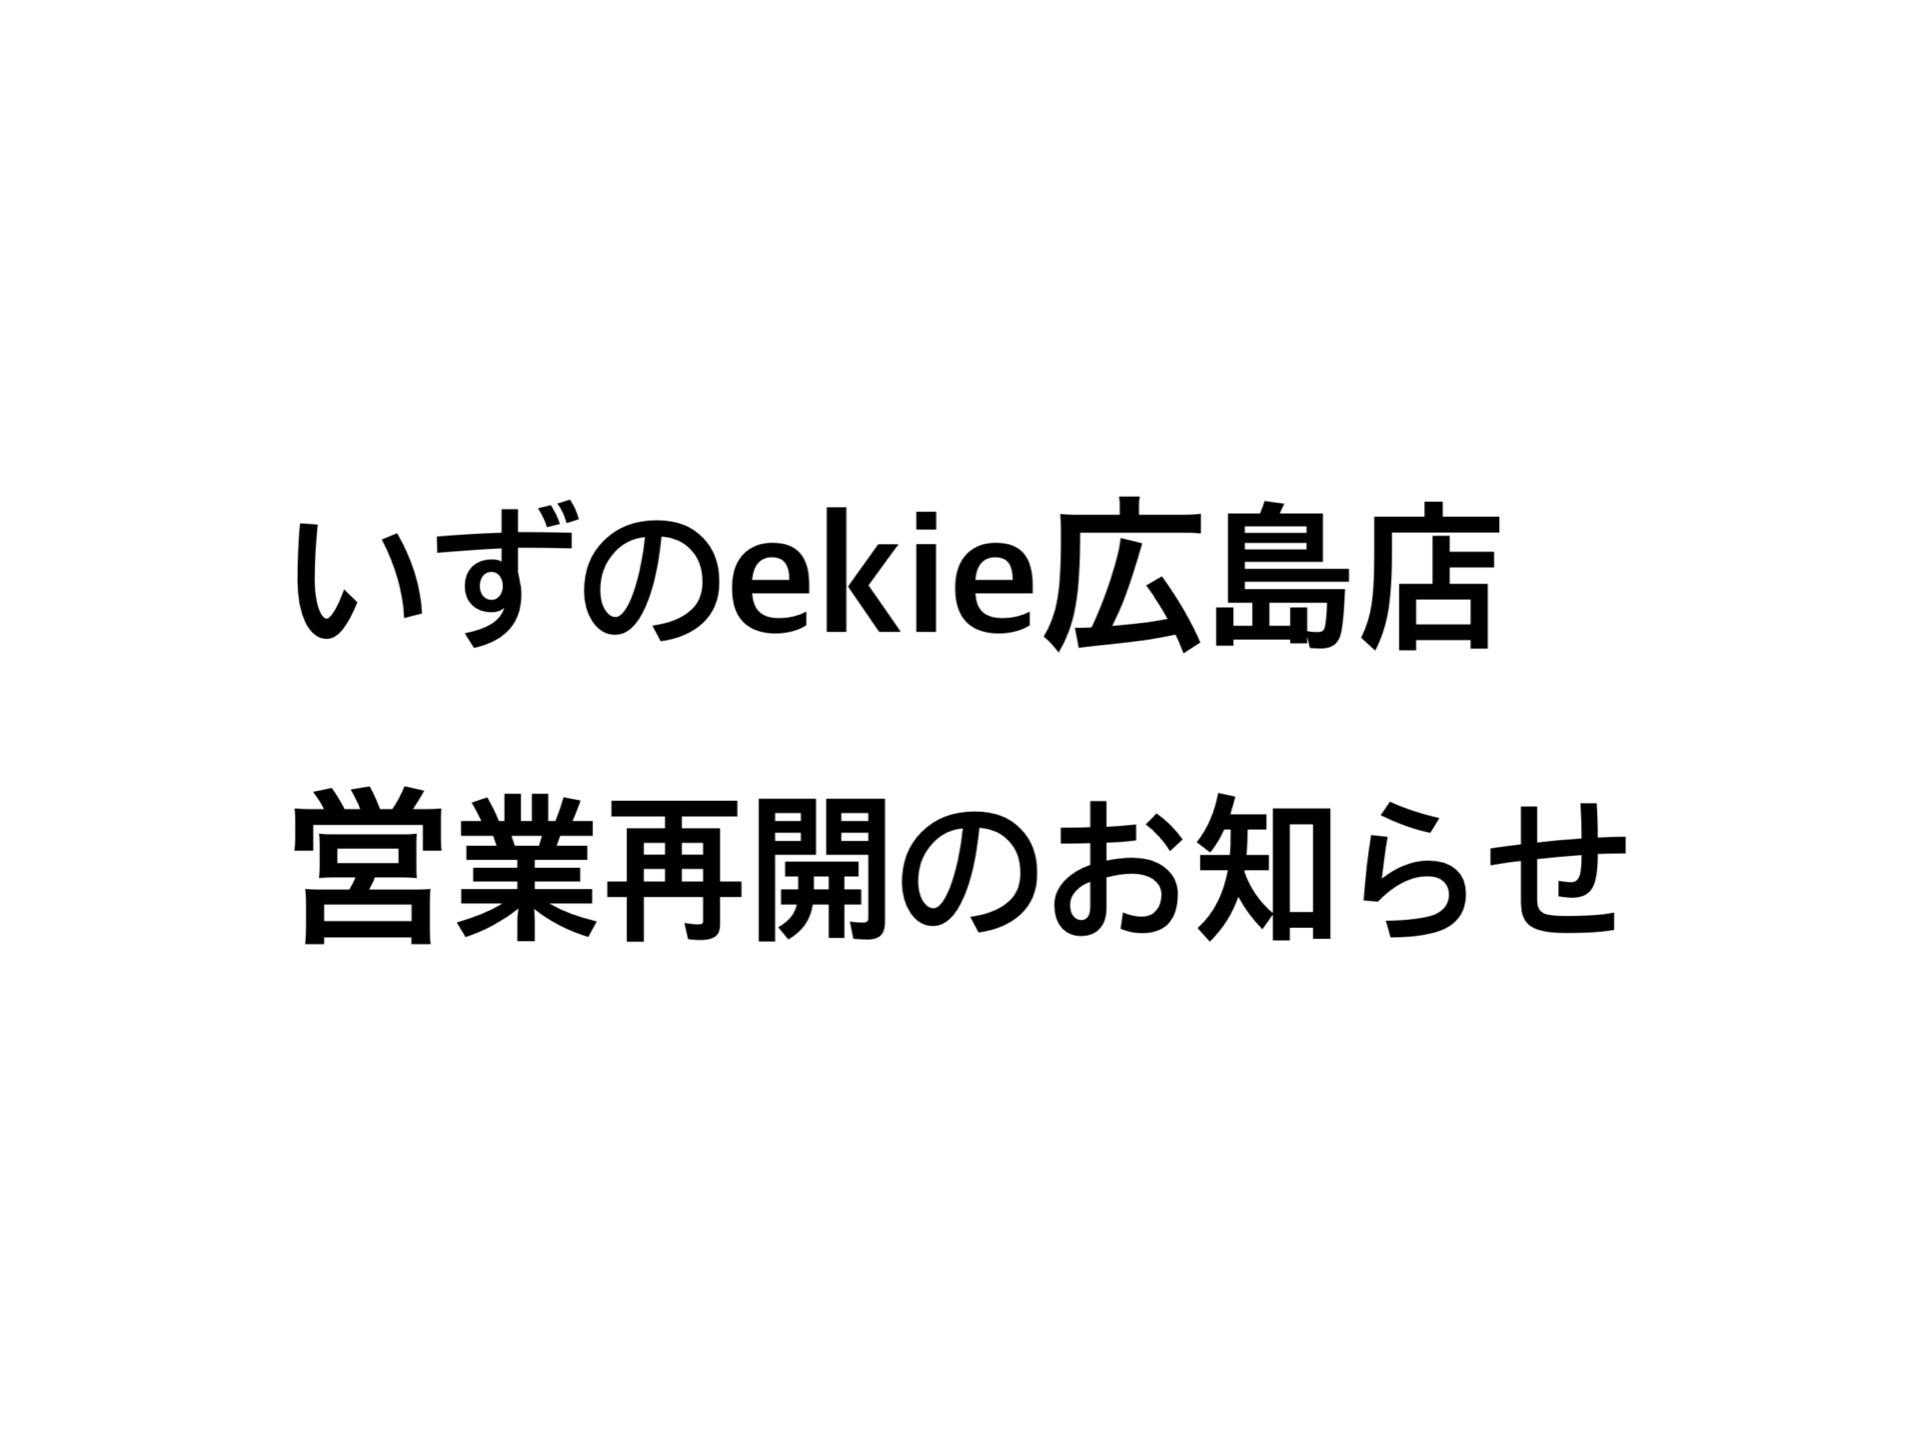 いずのekie広島店営業再開のお知らせ。5月20日(水)より